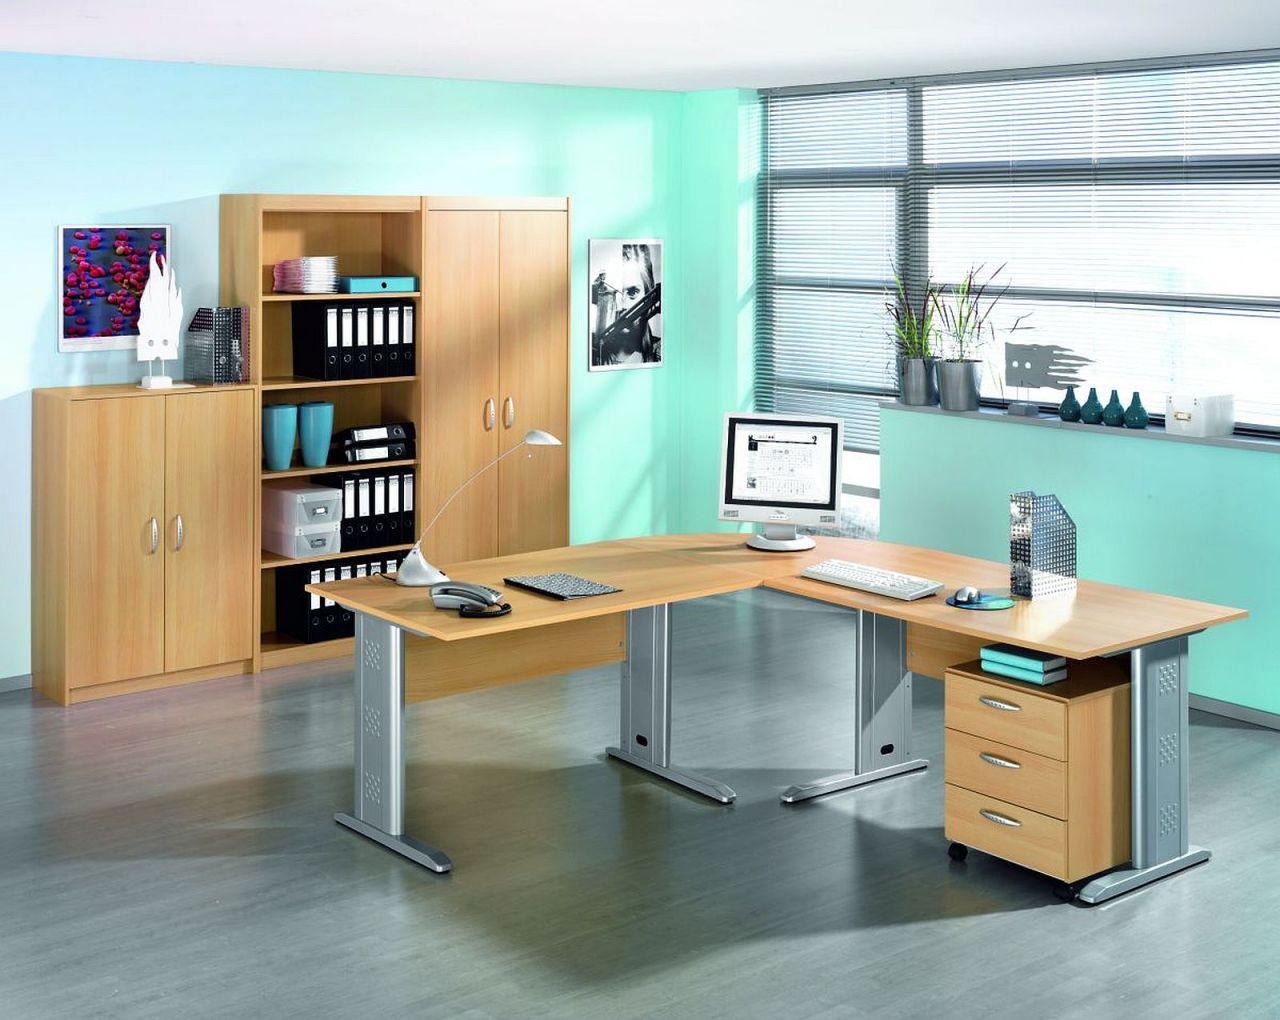 Büromöbel 7-tlg. komplett Büro Büroeinrichtung Wellemöbel 2 Farben ...